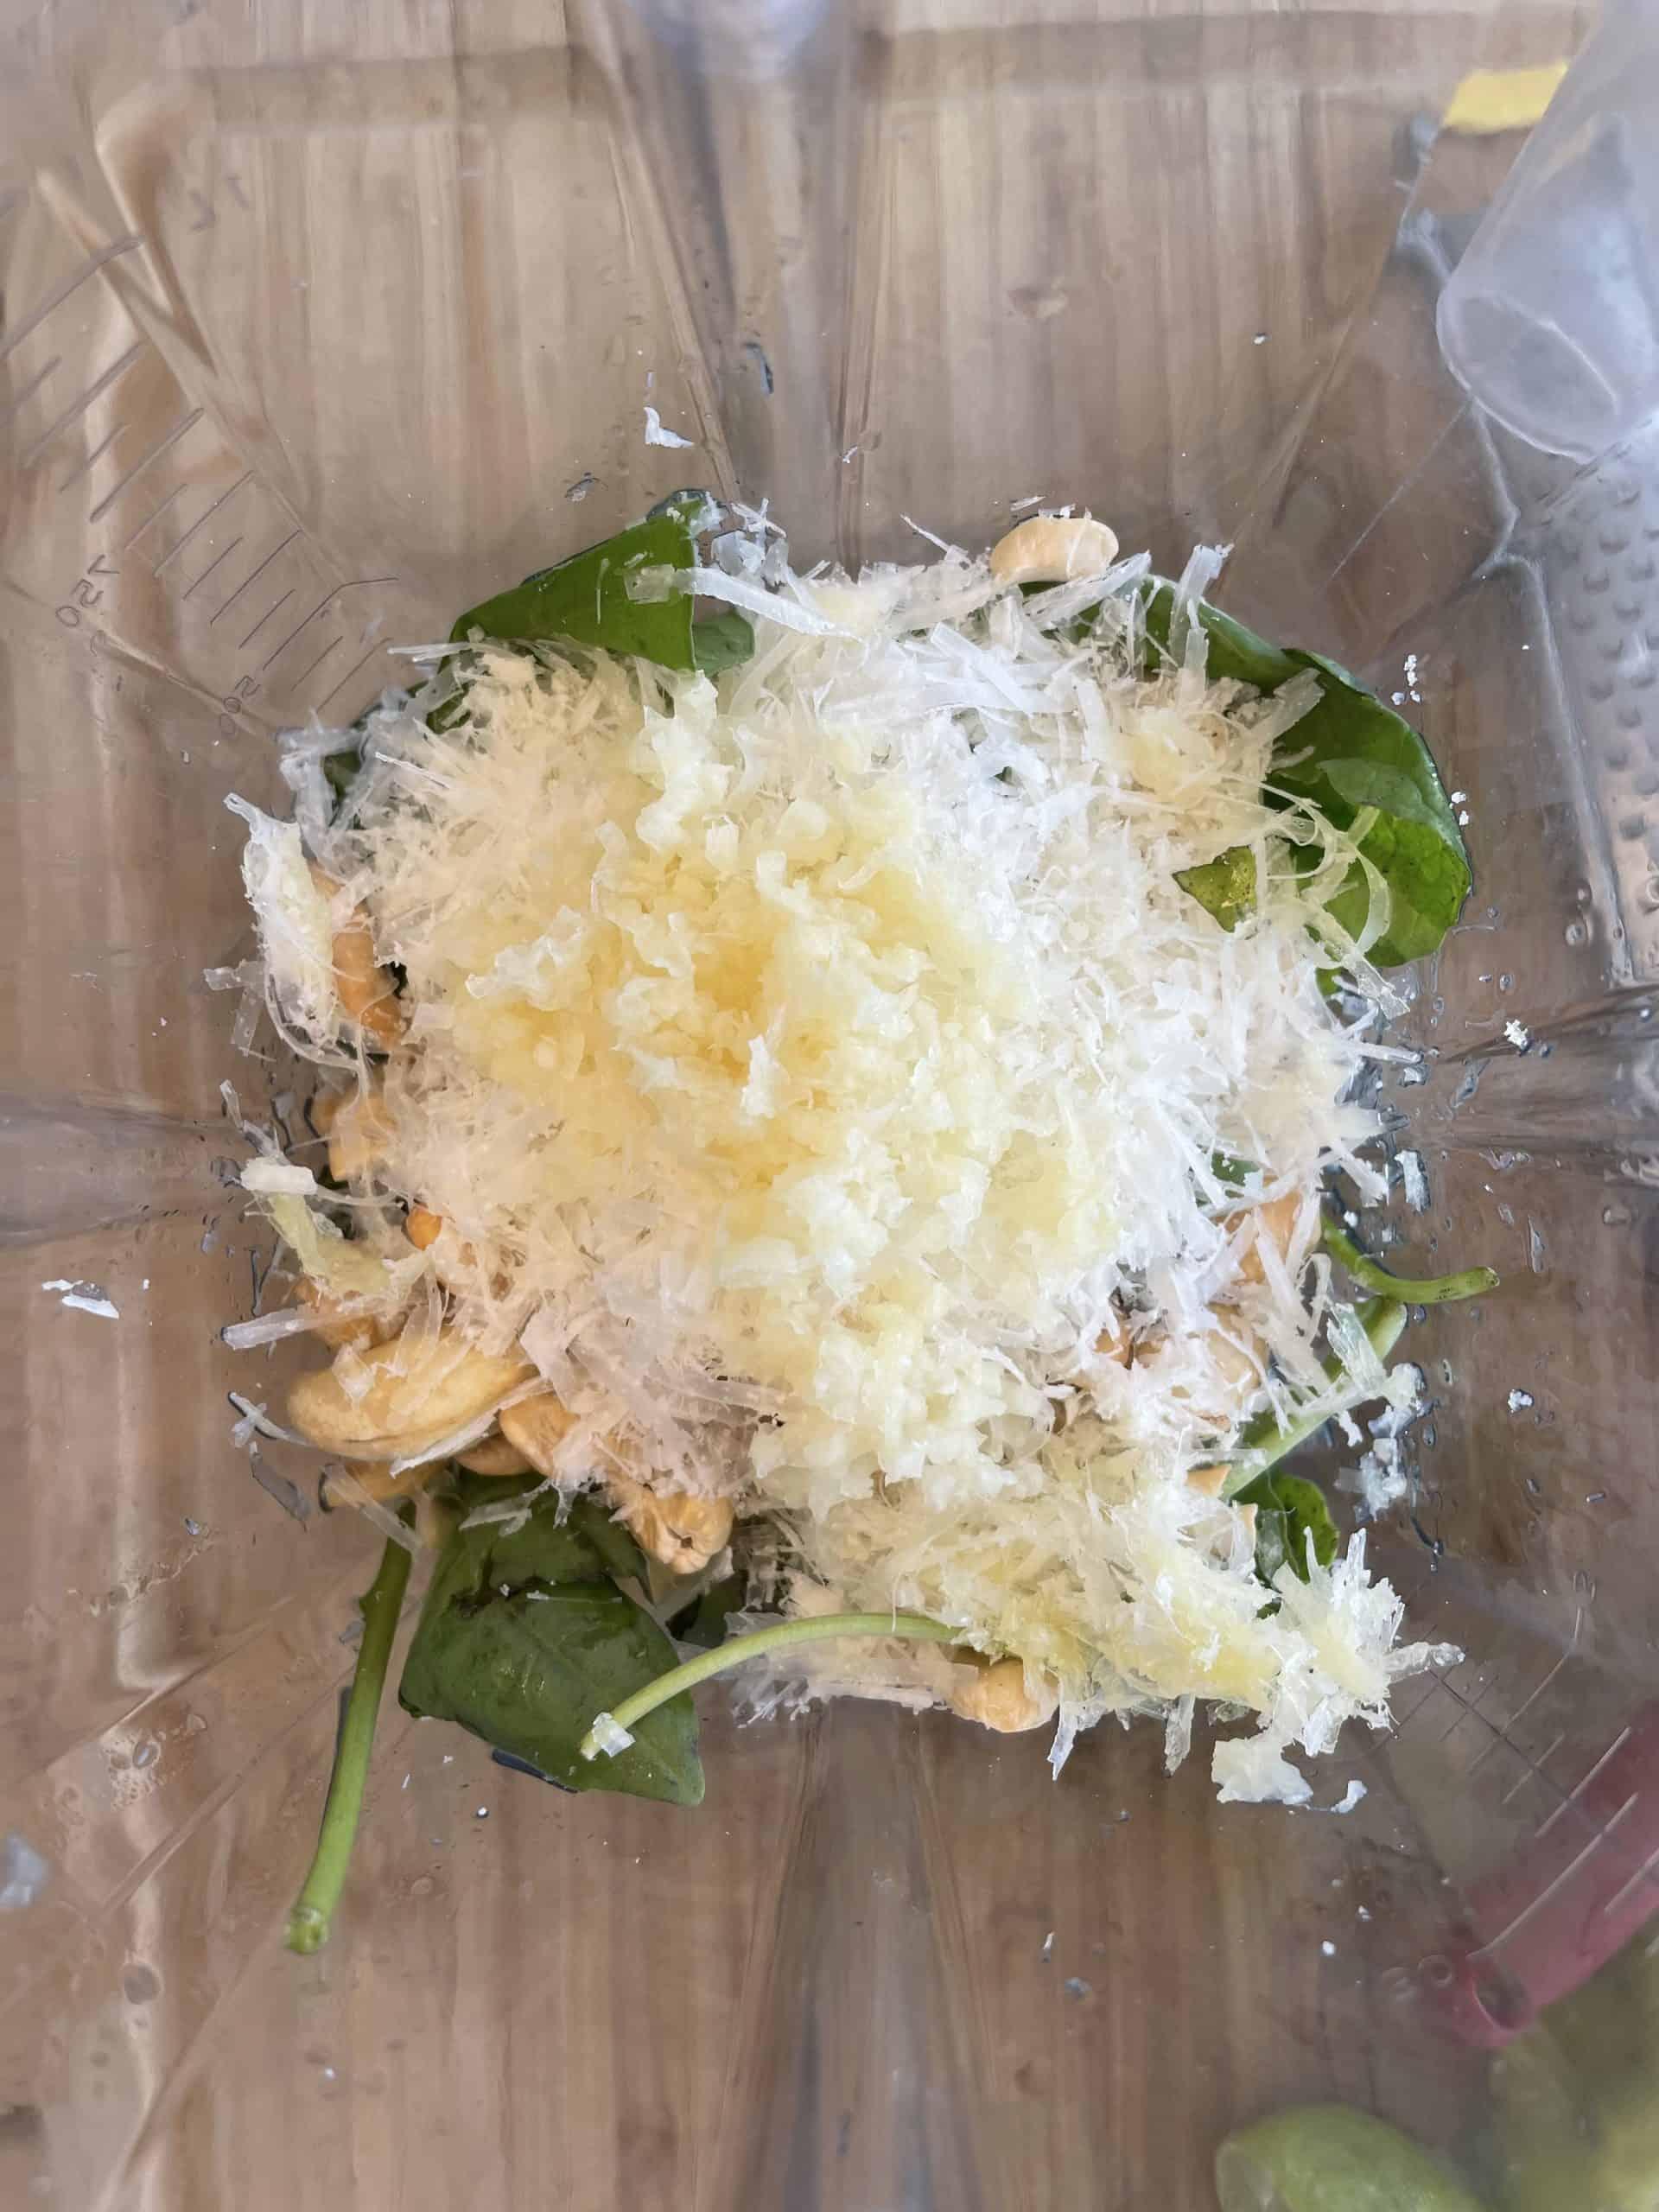 Healthy Pesto Ingredients